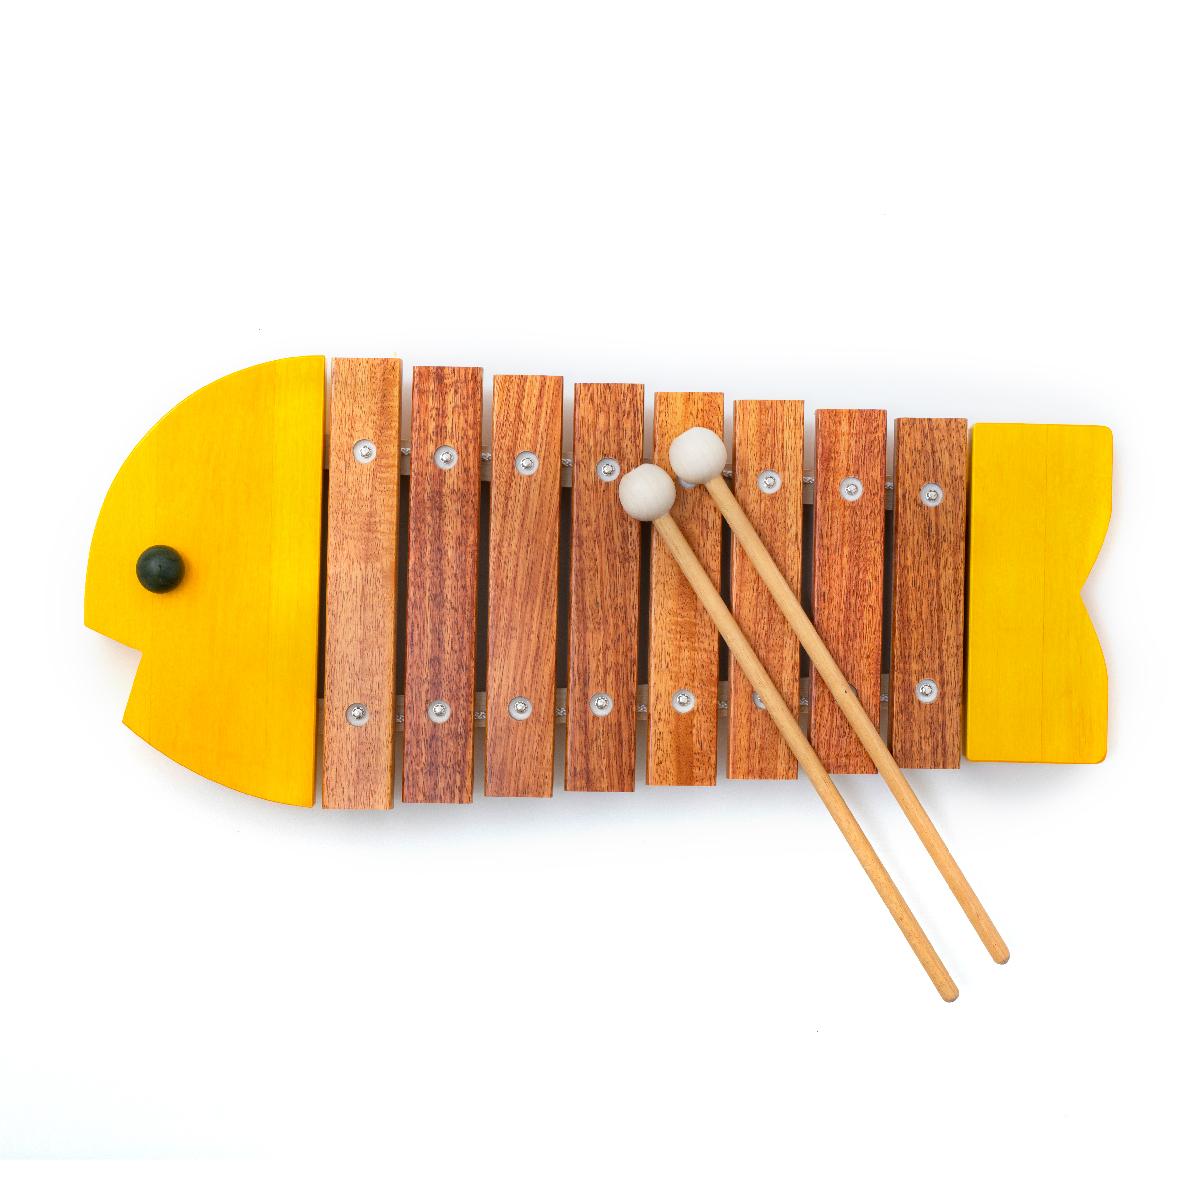 木製の楽器